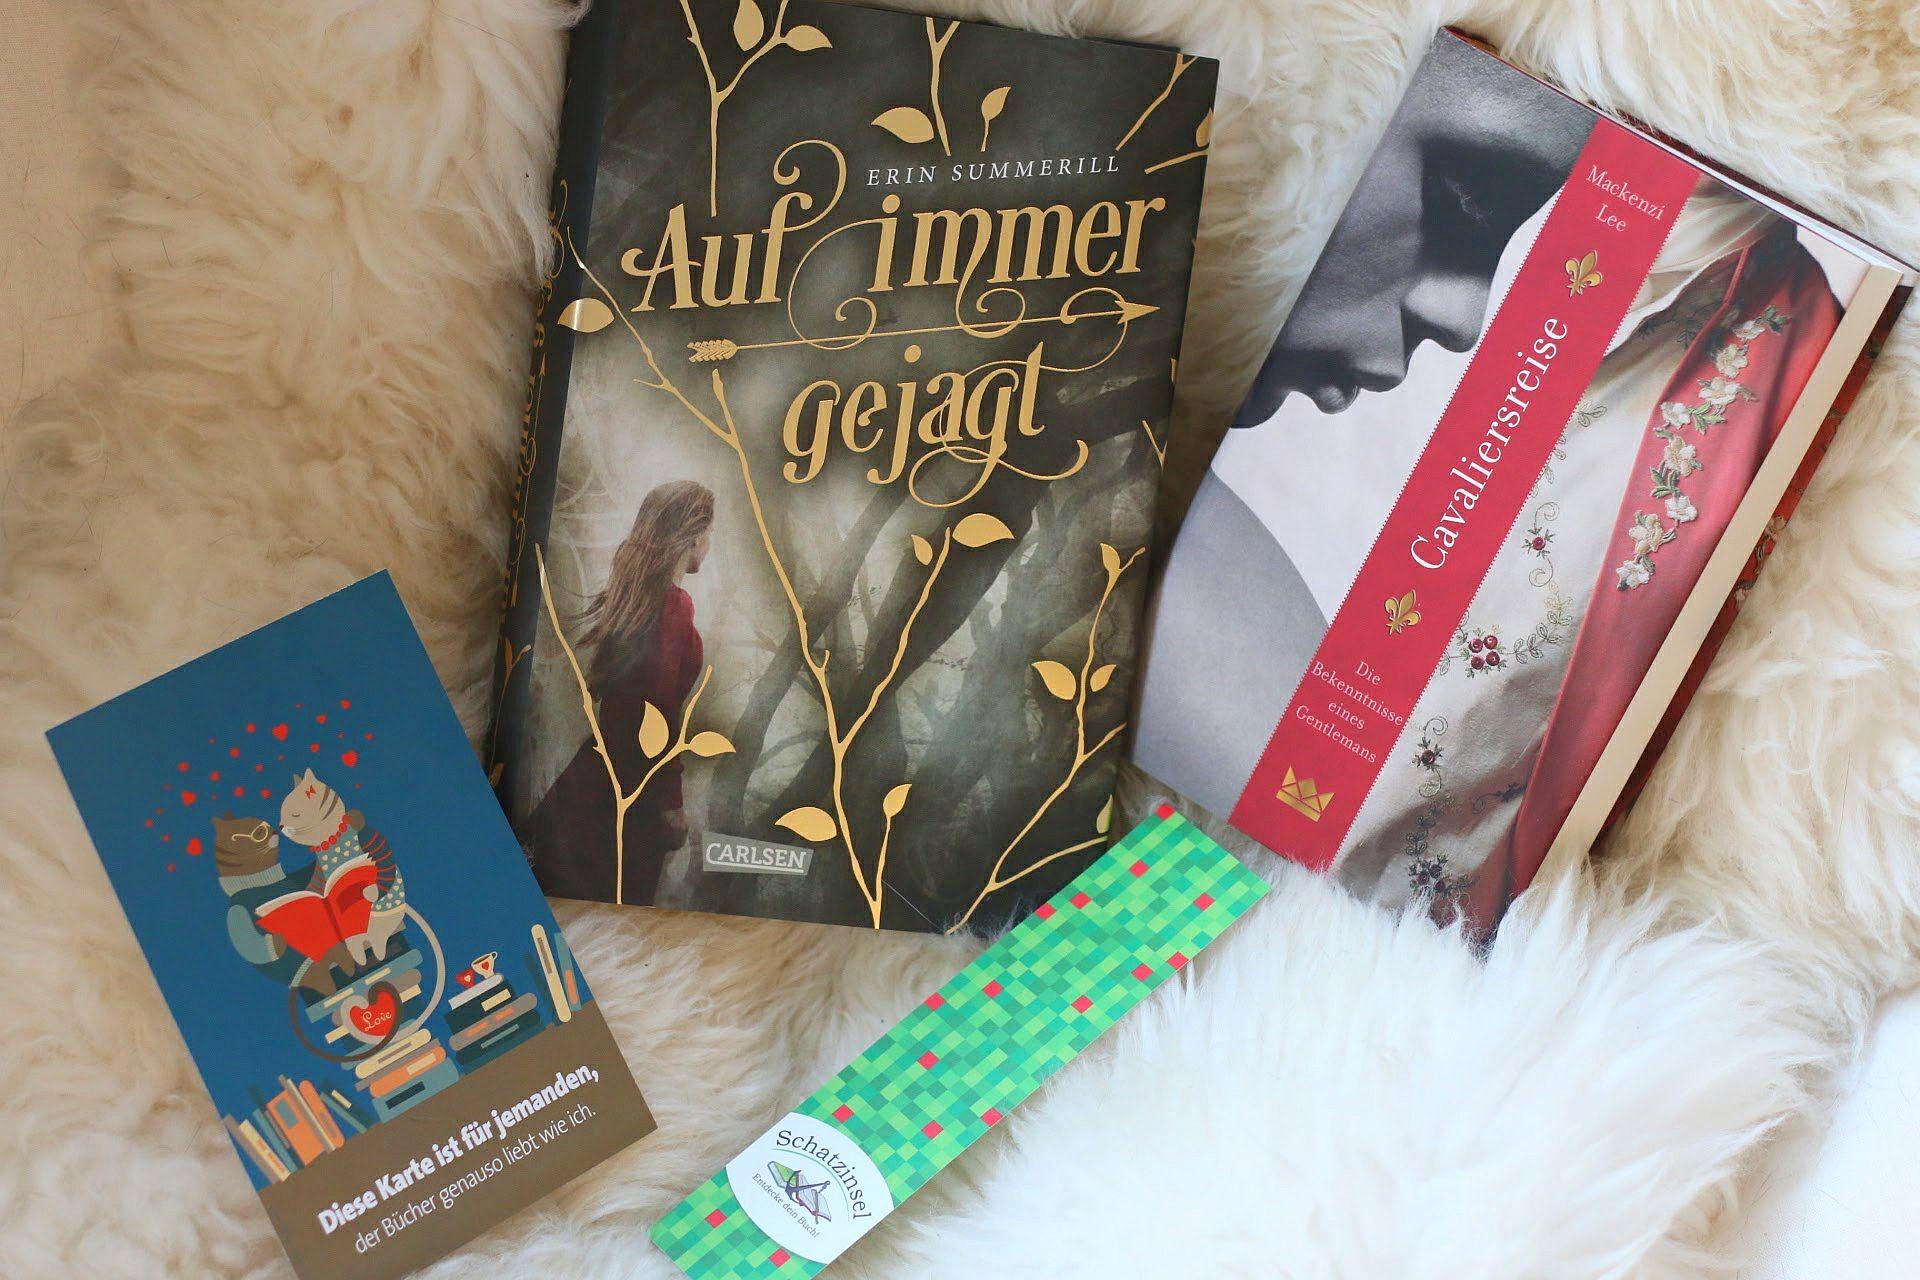 Blogger-Event Bücher Schatzinsel Münster Buchhandlung Auf immer gejagt Erin Summerill Cavaliersreise Mackenzie Lee